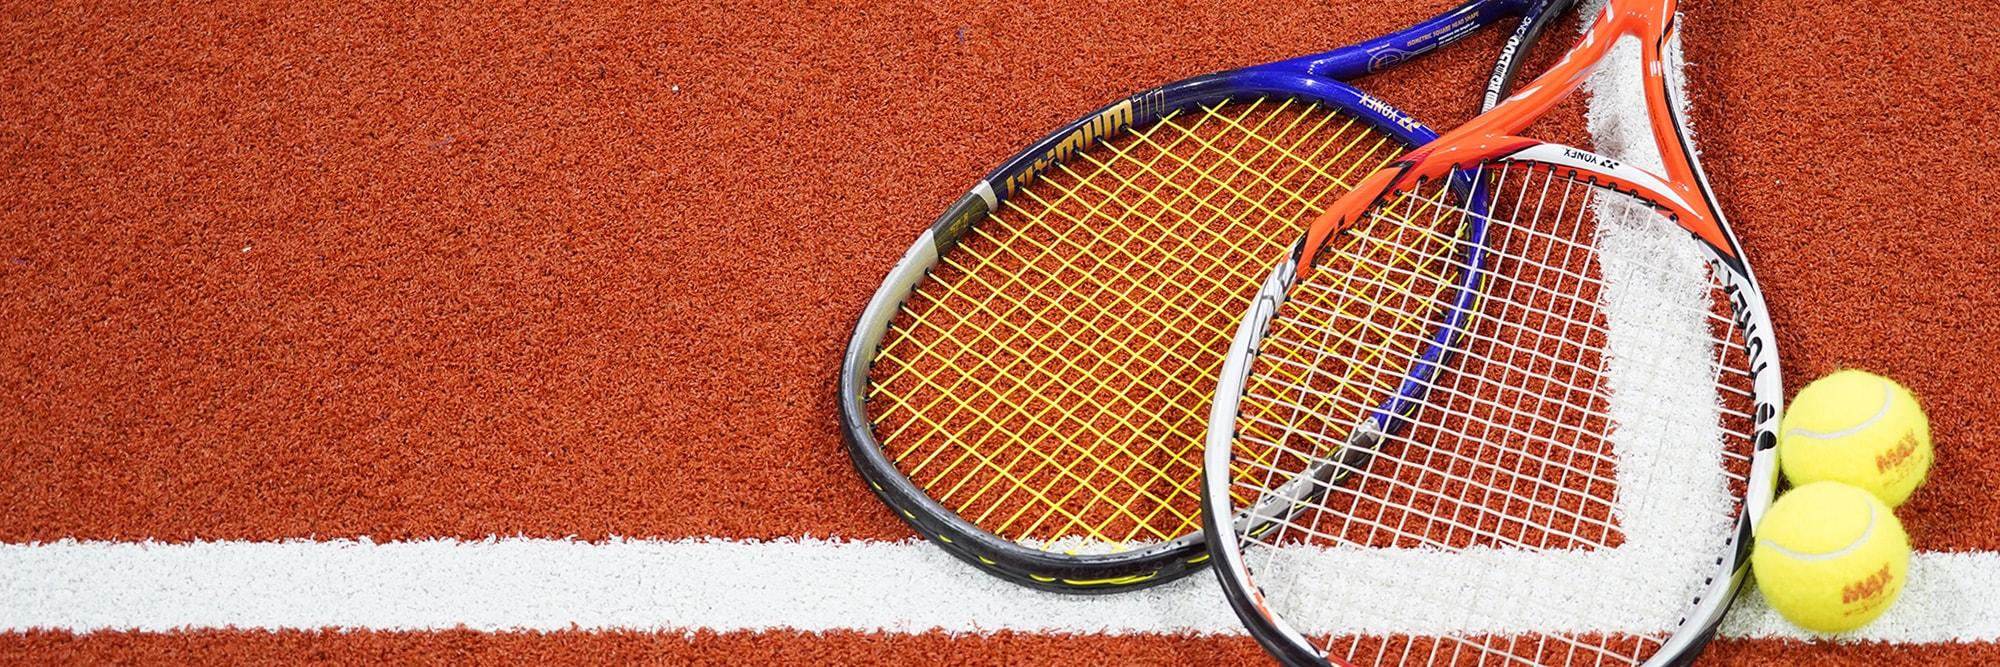 長野市 インドアテニススクール プライベートレッスン開講